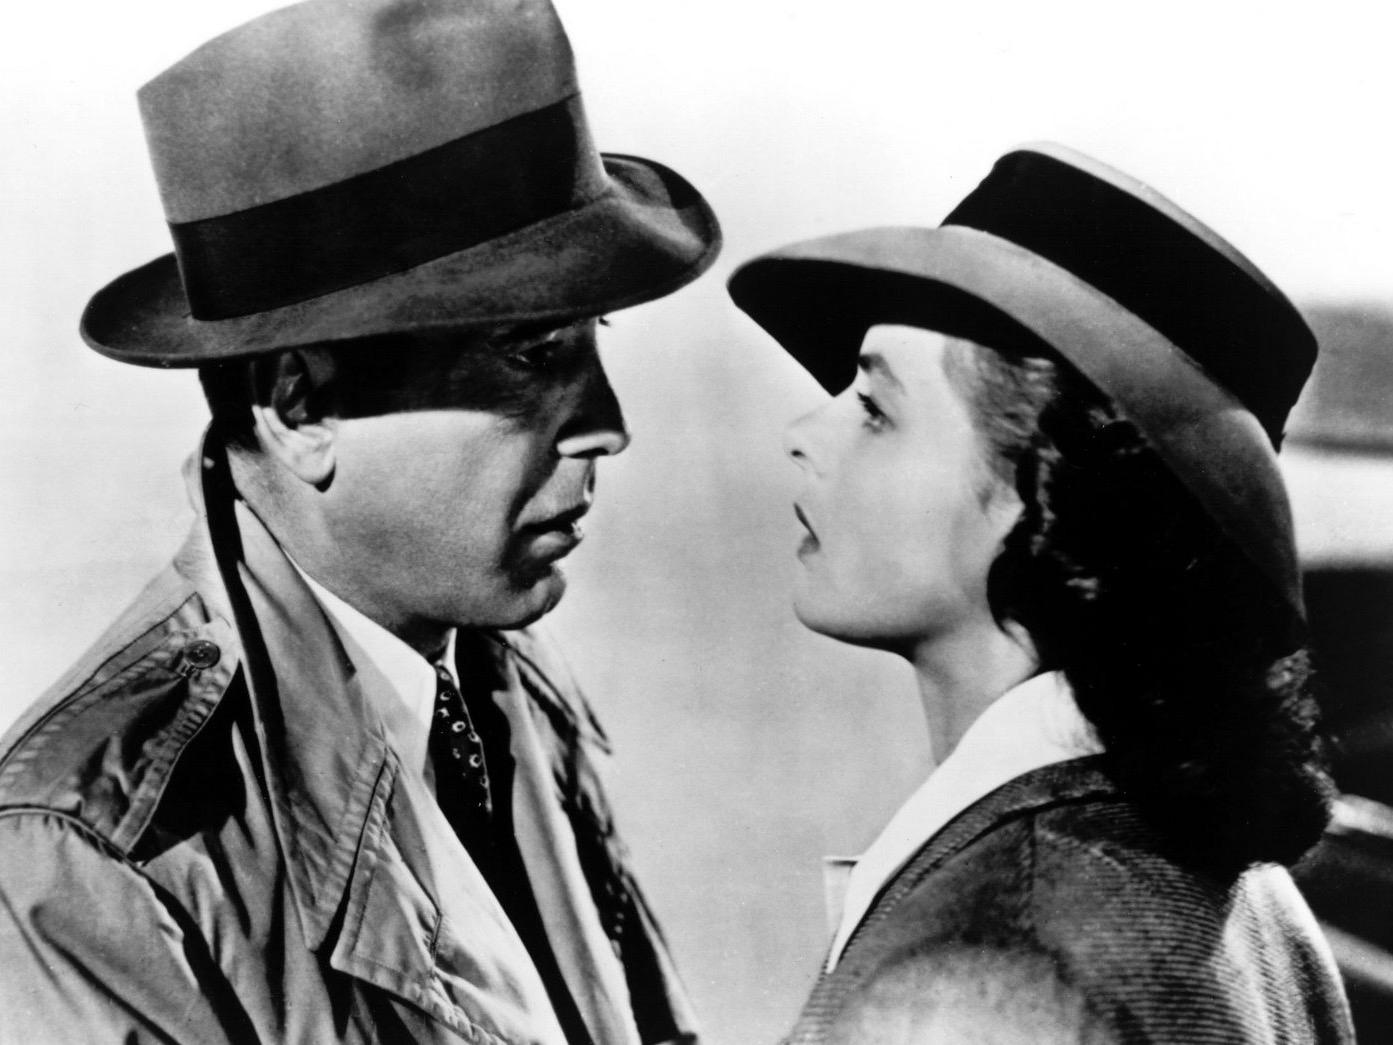 Casablanca   (1942); image courtesy of Warner Bros. from MovieStillsDB.com